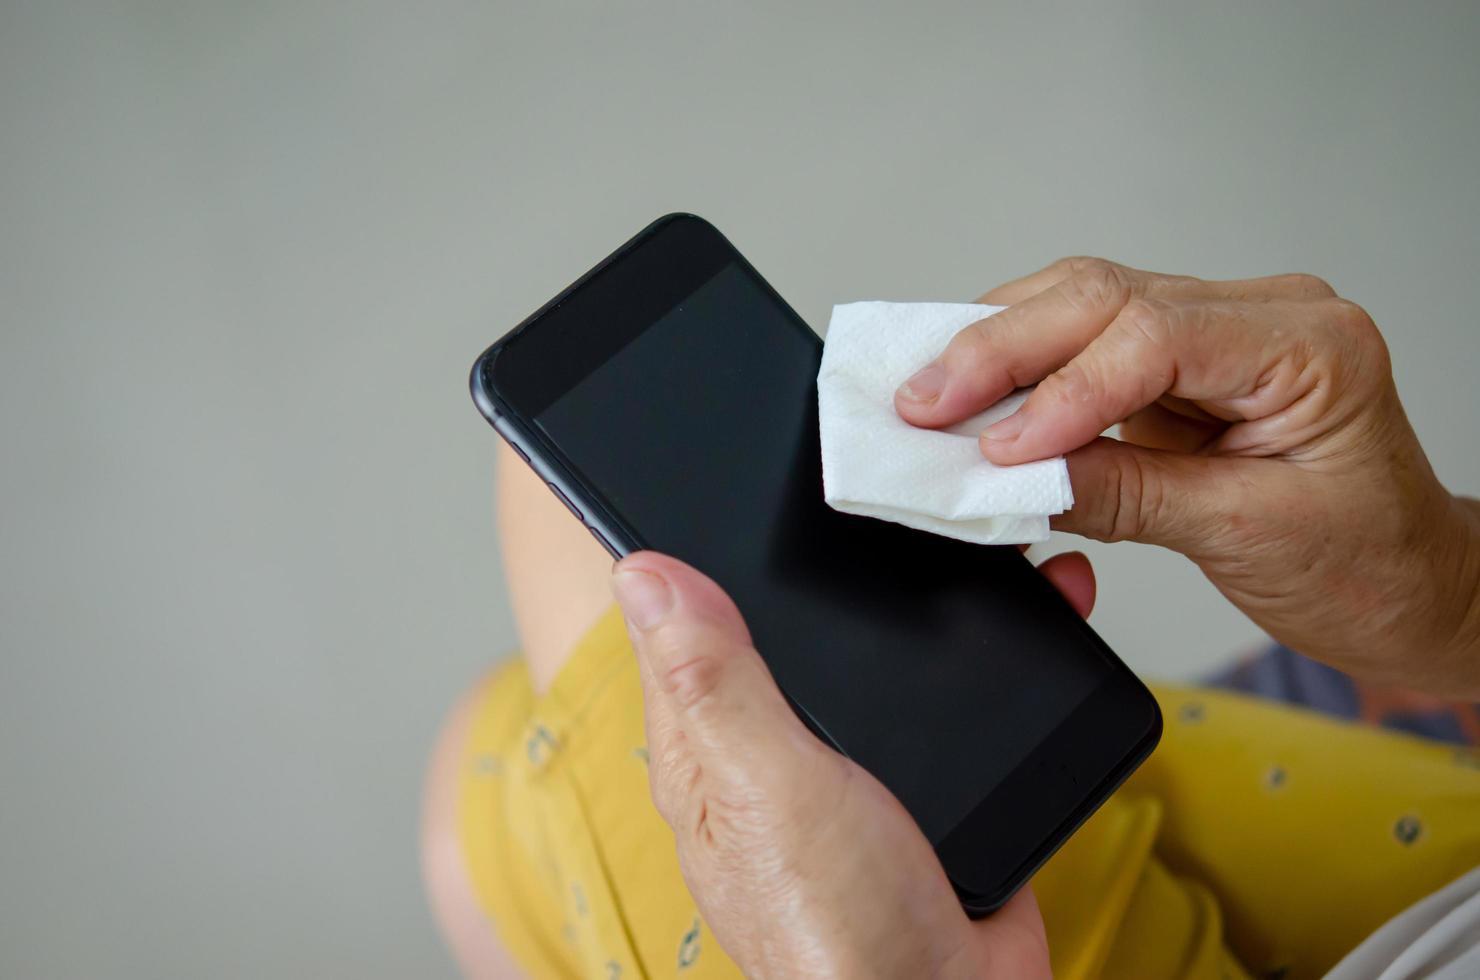 nettoyez votre téléphone portable avec de l'alcool pour éviter les germes. photo